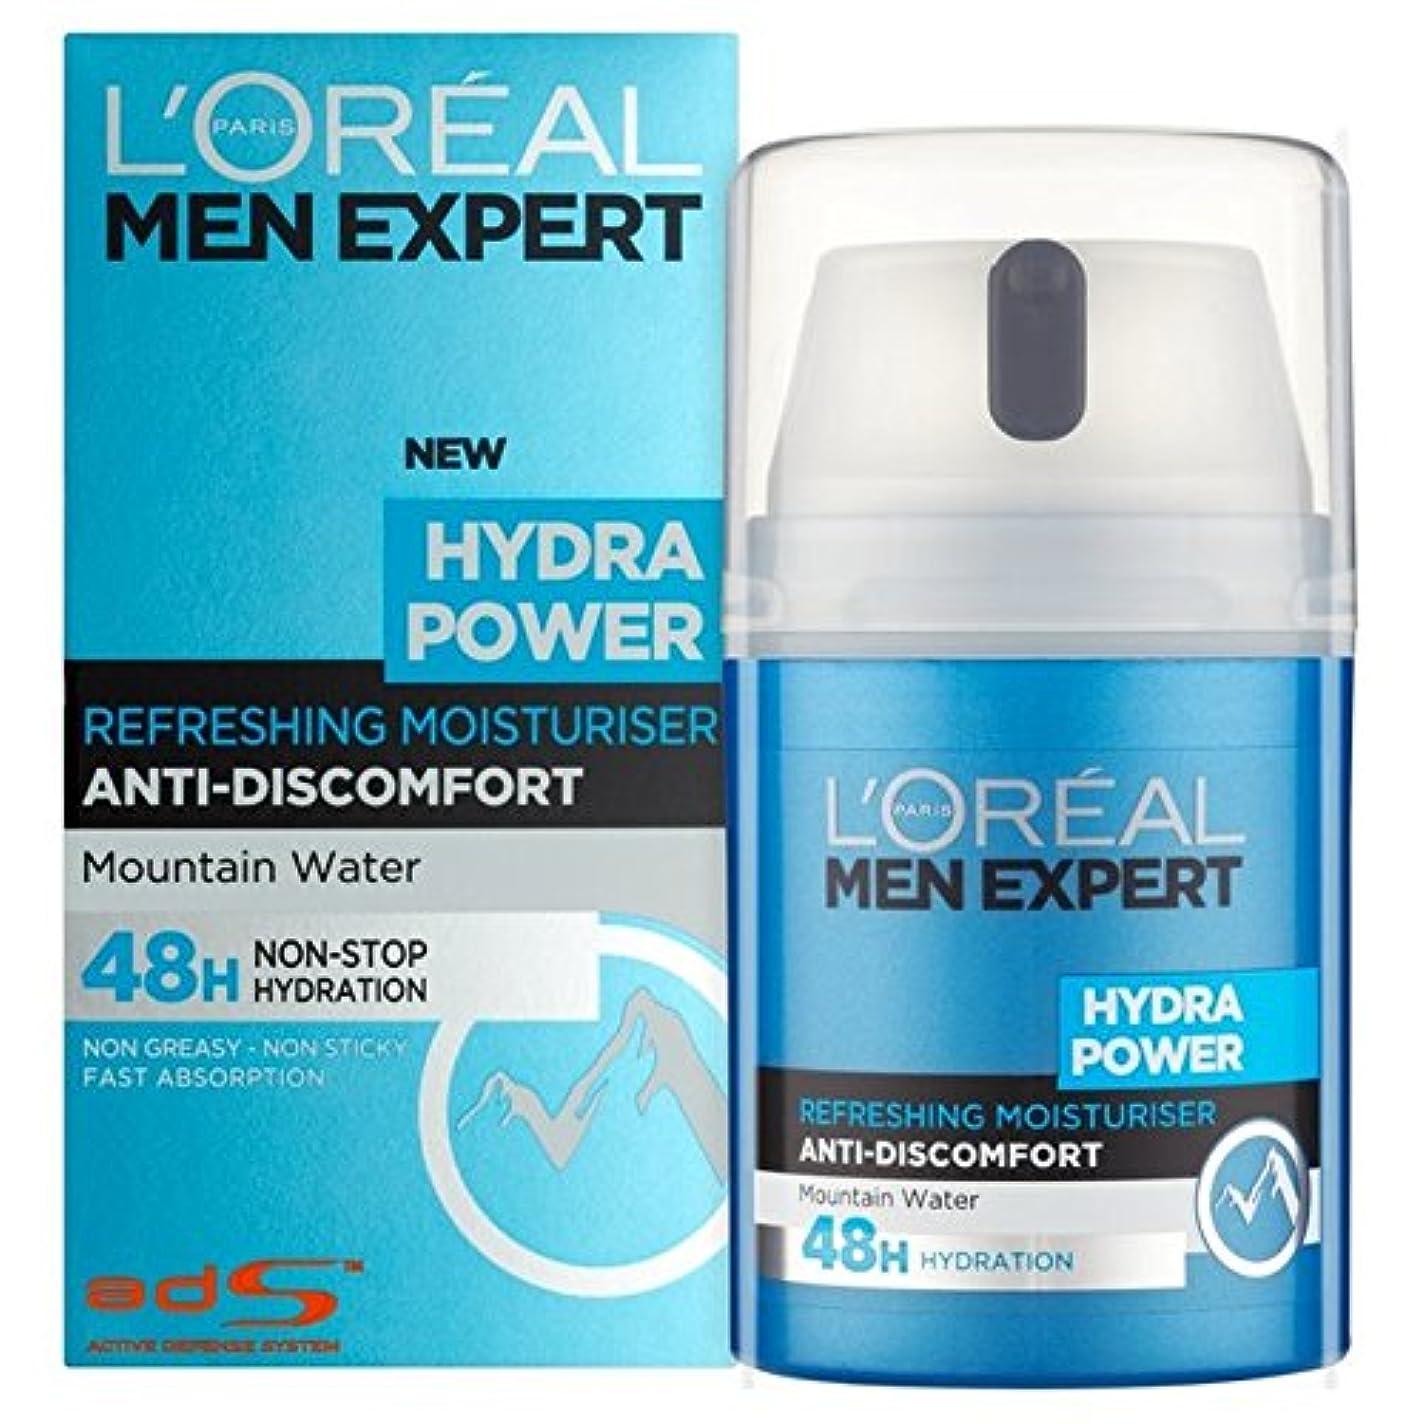 希望に満ちたカイウス逸脱ロレアルパリのメンズ専門ヒドラ電源爽やか保湿50ミリリットル x2 - L'Oreal Paris Men Expert Hydra Power Refreshing Moisturiser 50ml (Pack of...